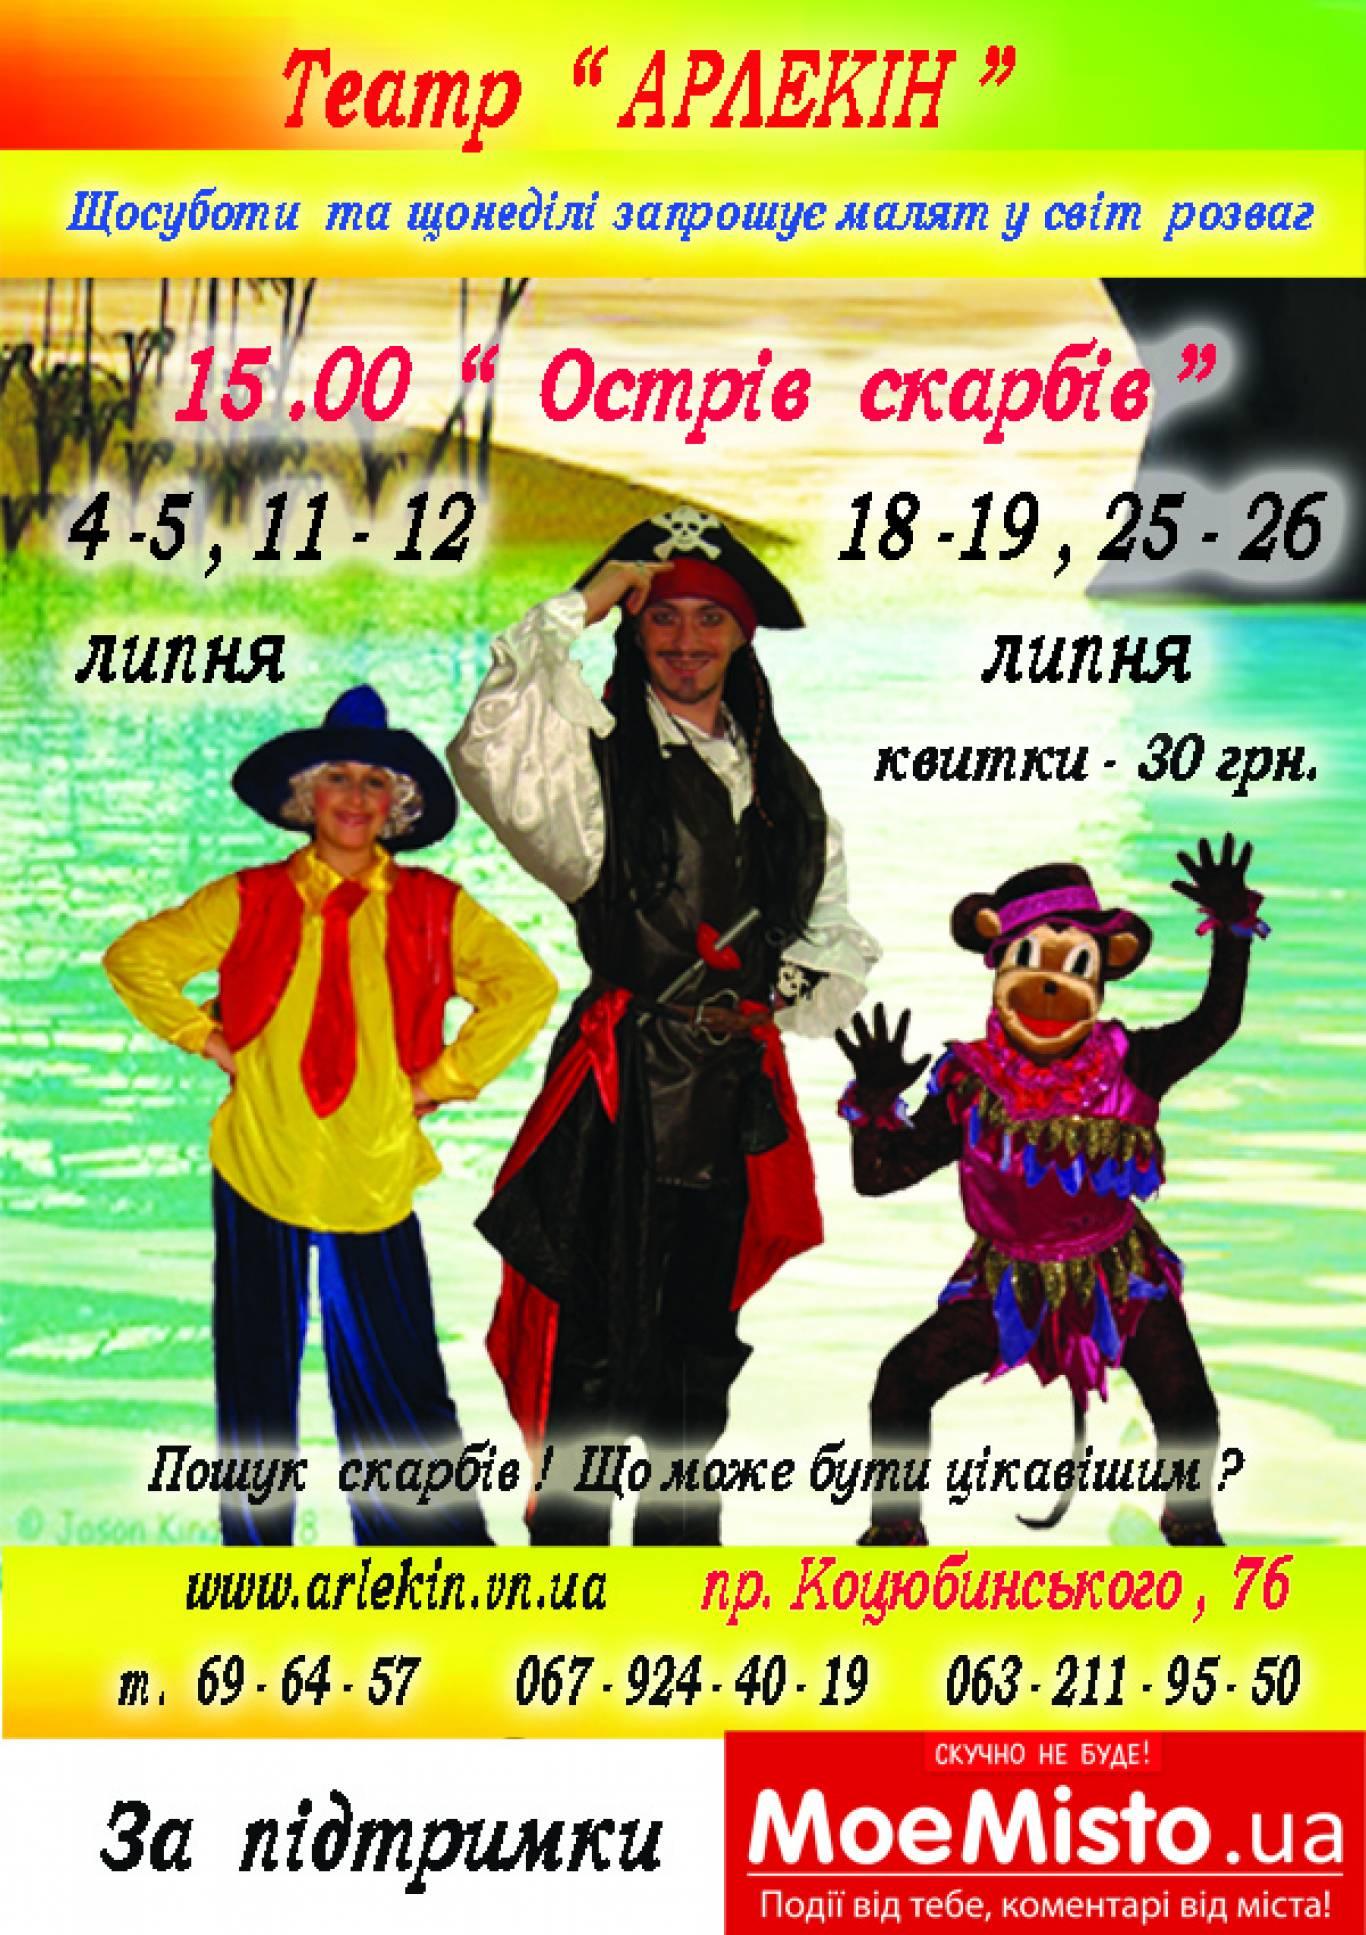 Театр Арлекін запрошує на виставу «Острів скарбів»